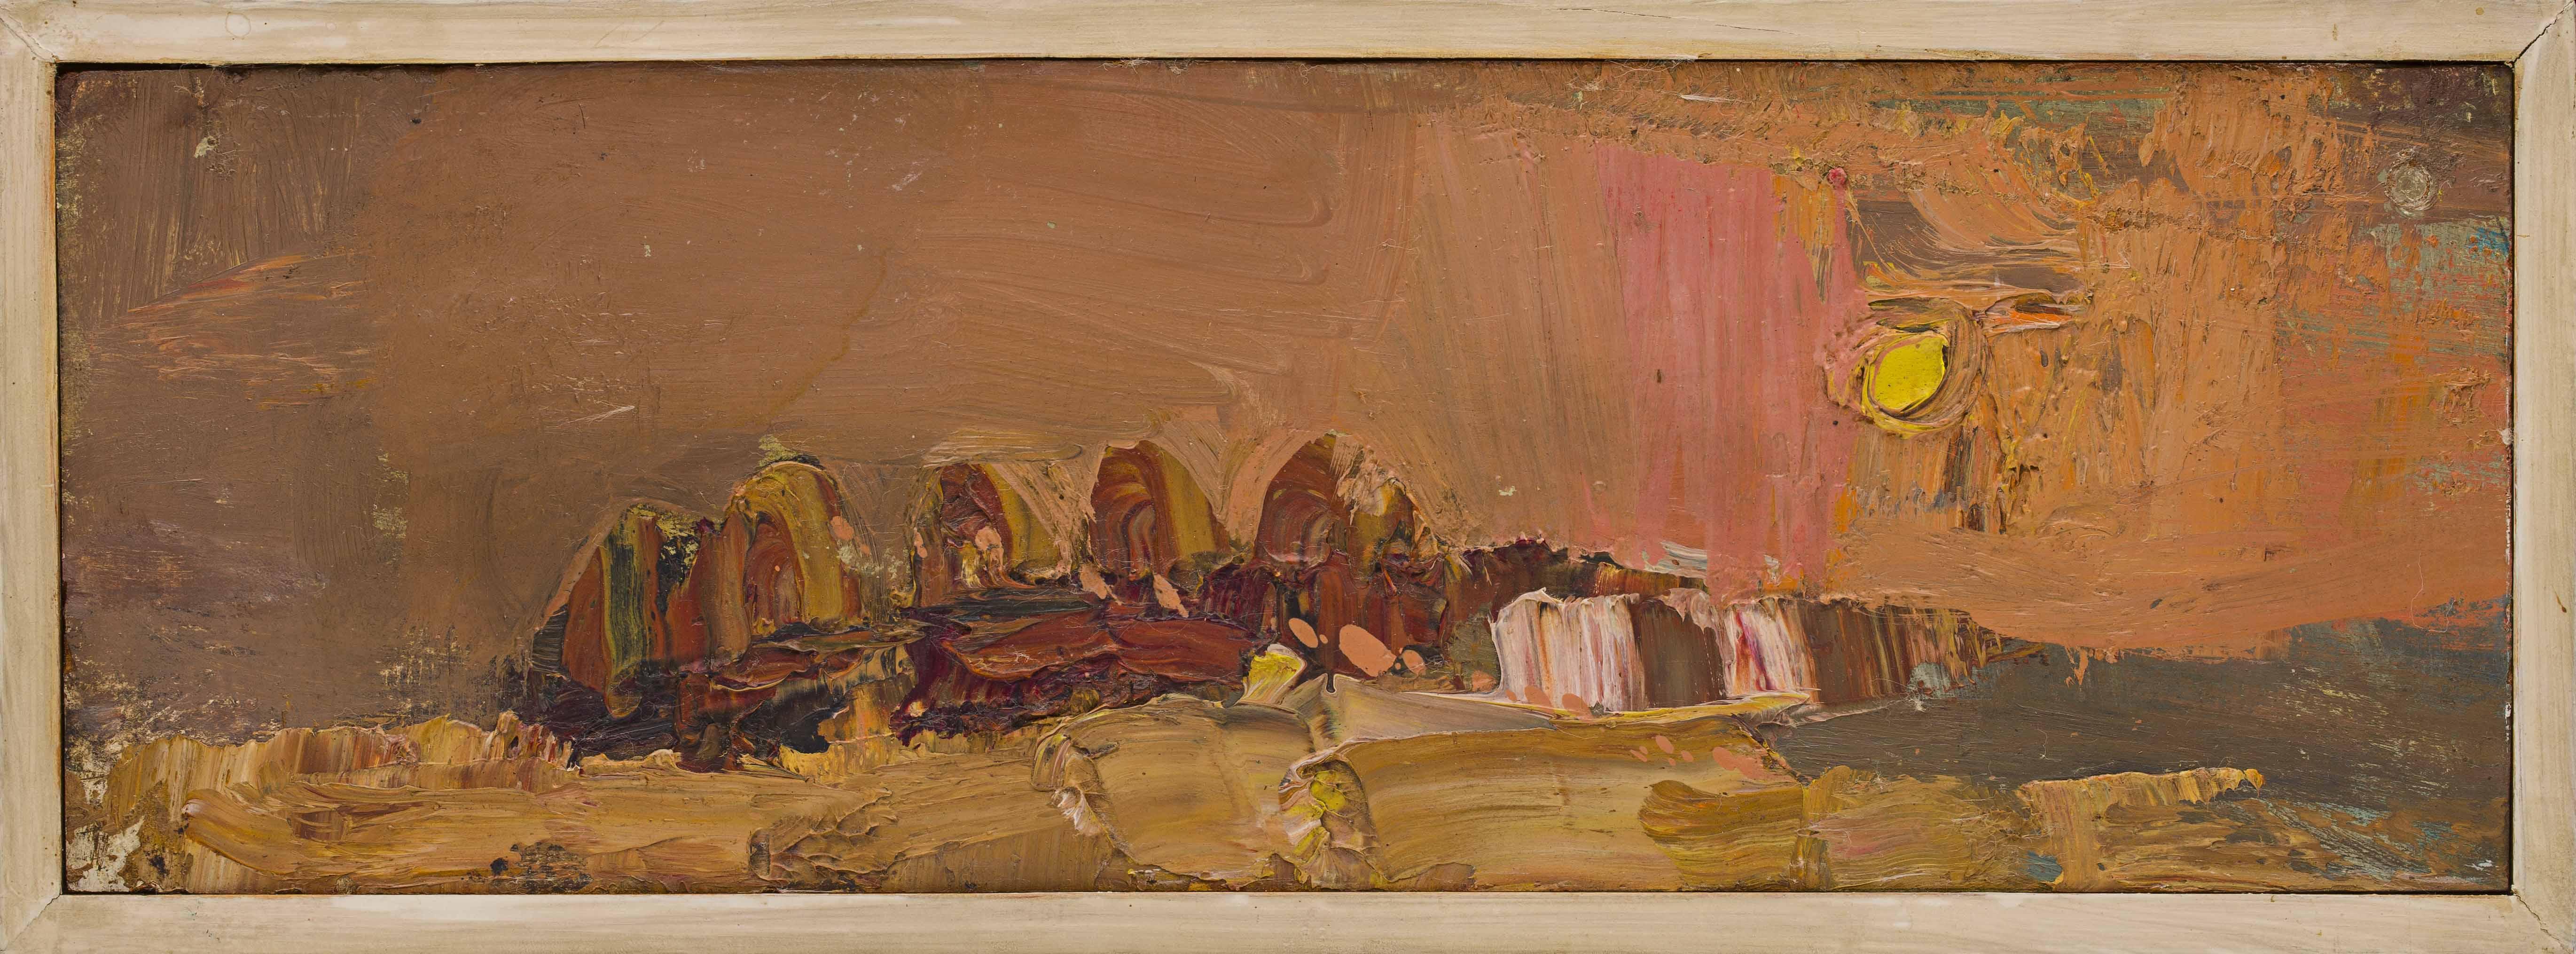 Joan Eardlery   Stacks at Sunset